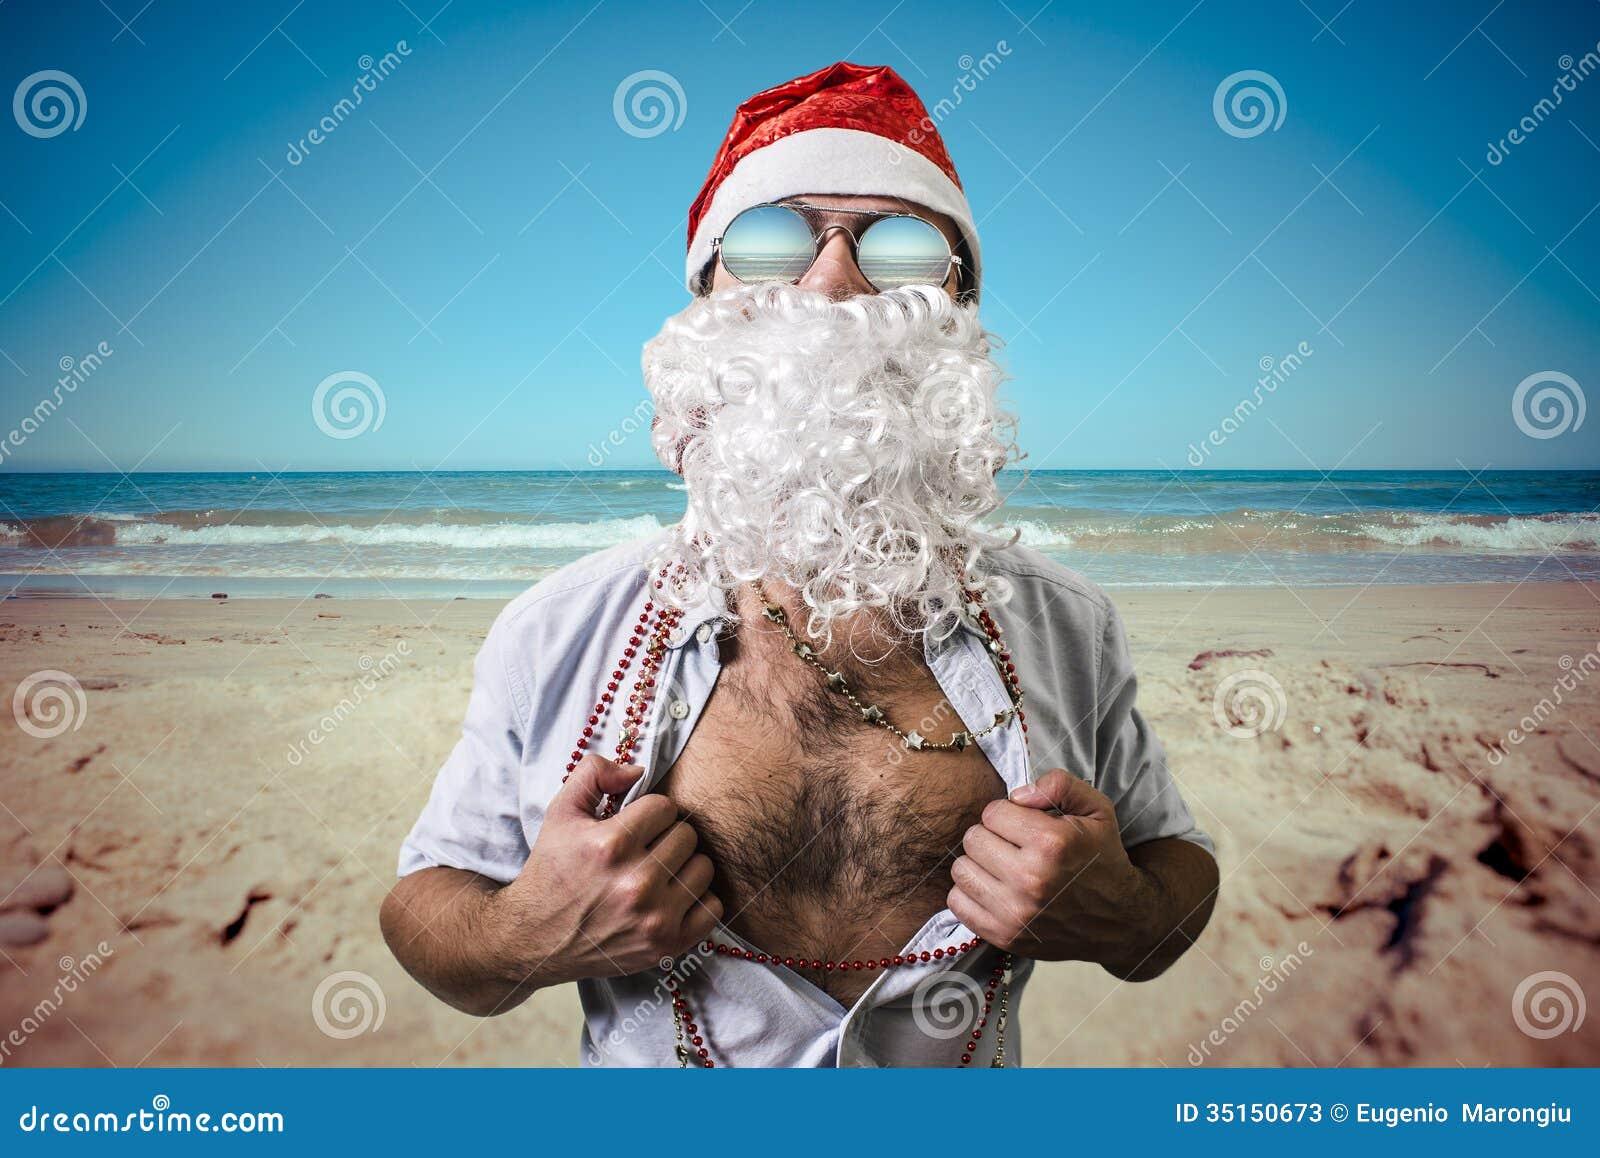 Funny Santa Claus Super Hero Beach Summer Christmas Stock Photos ...